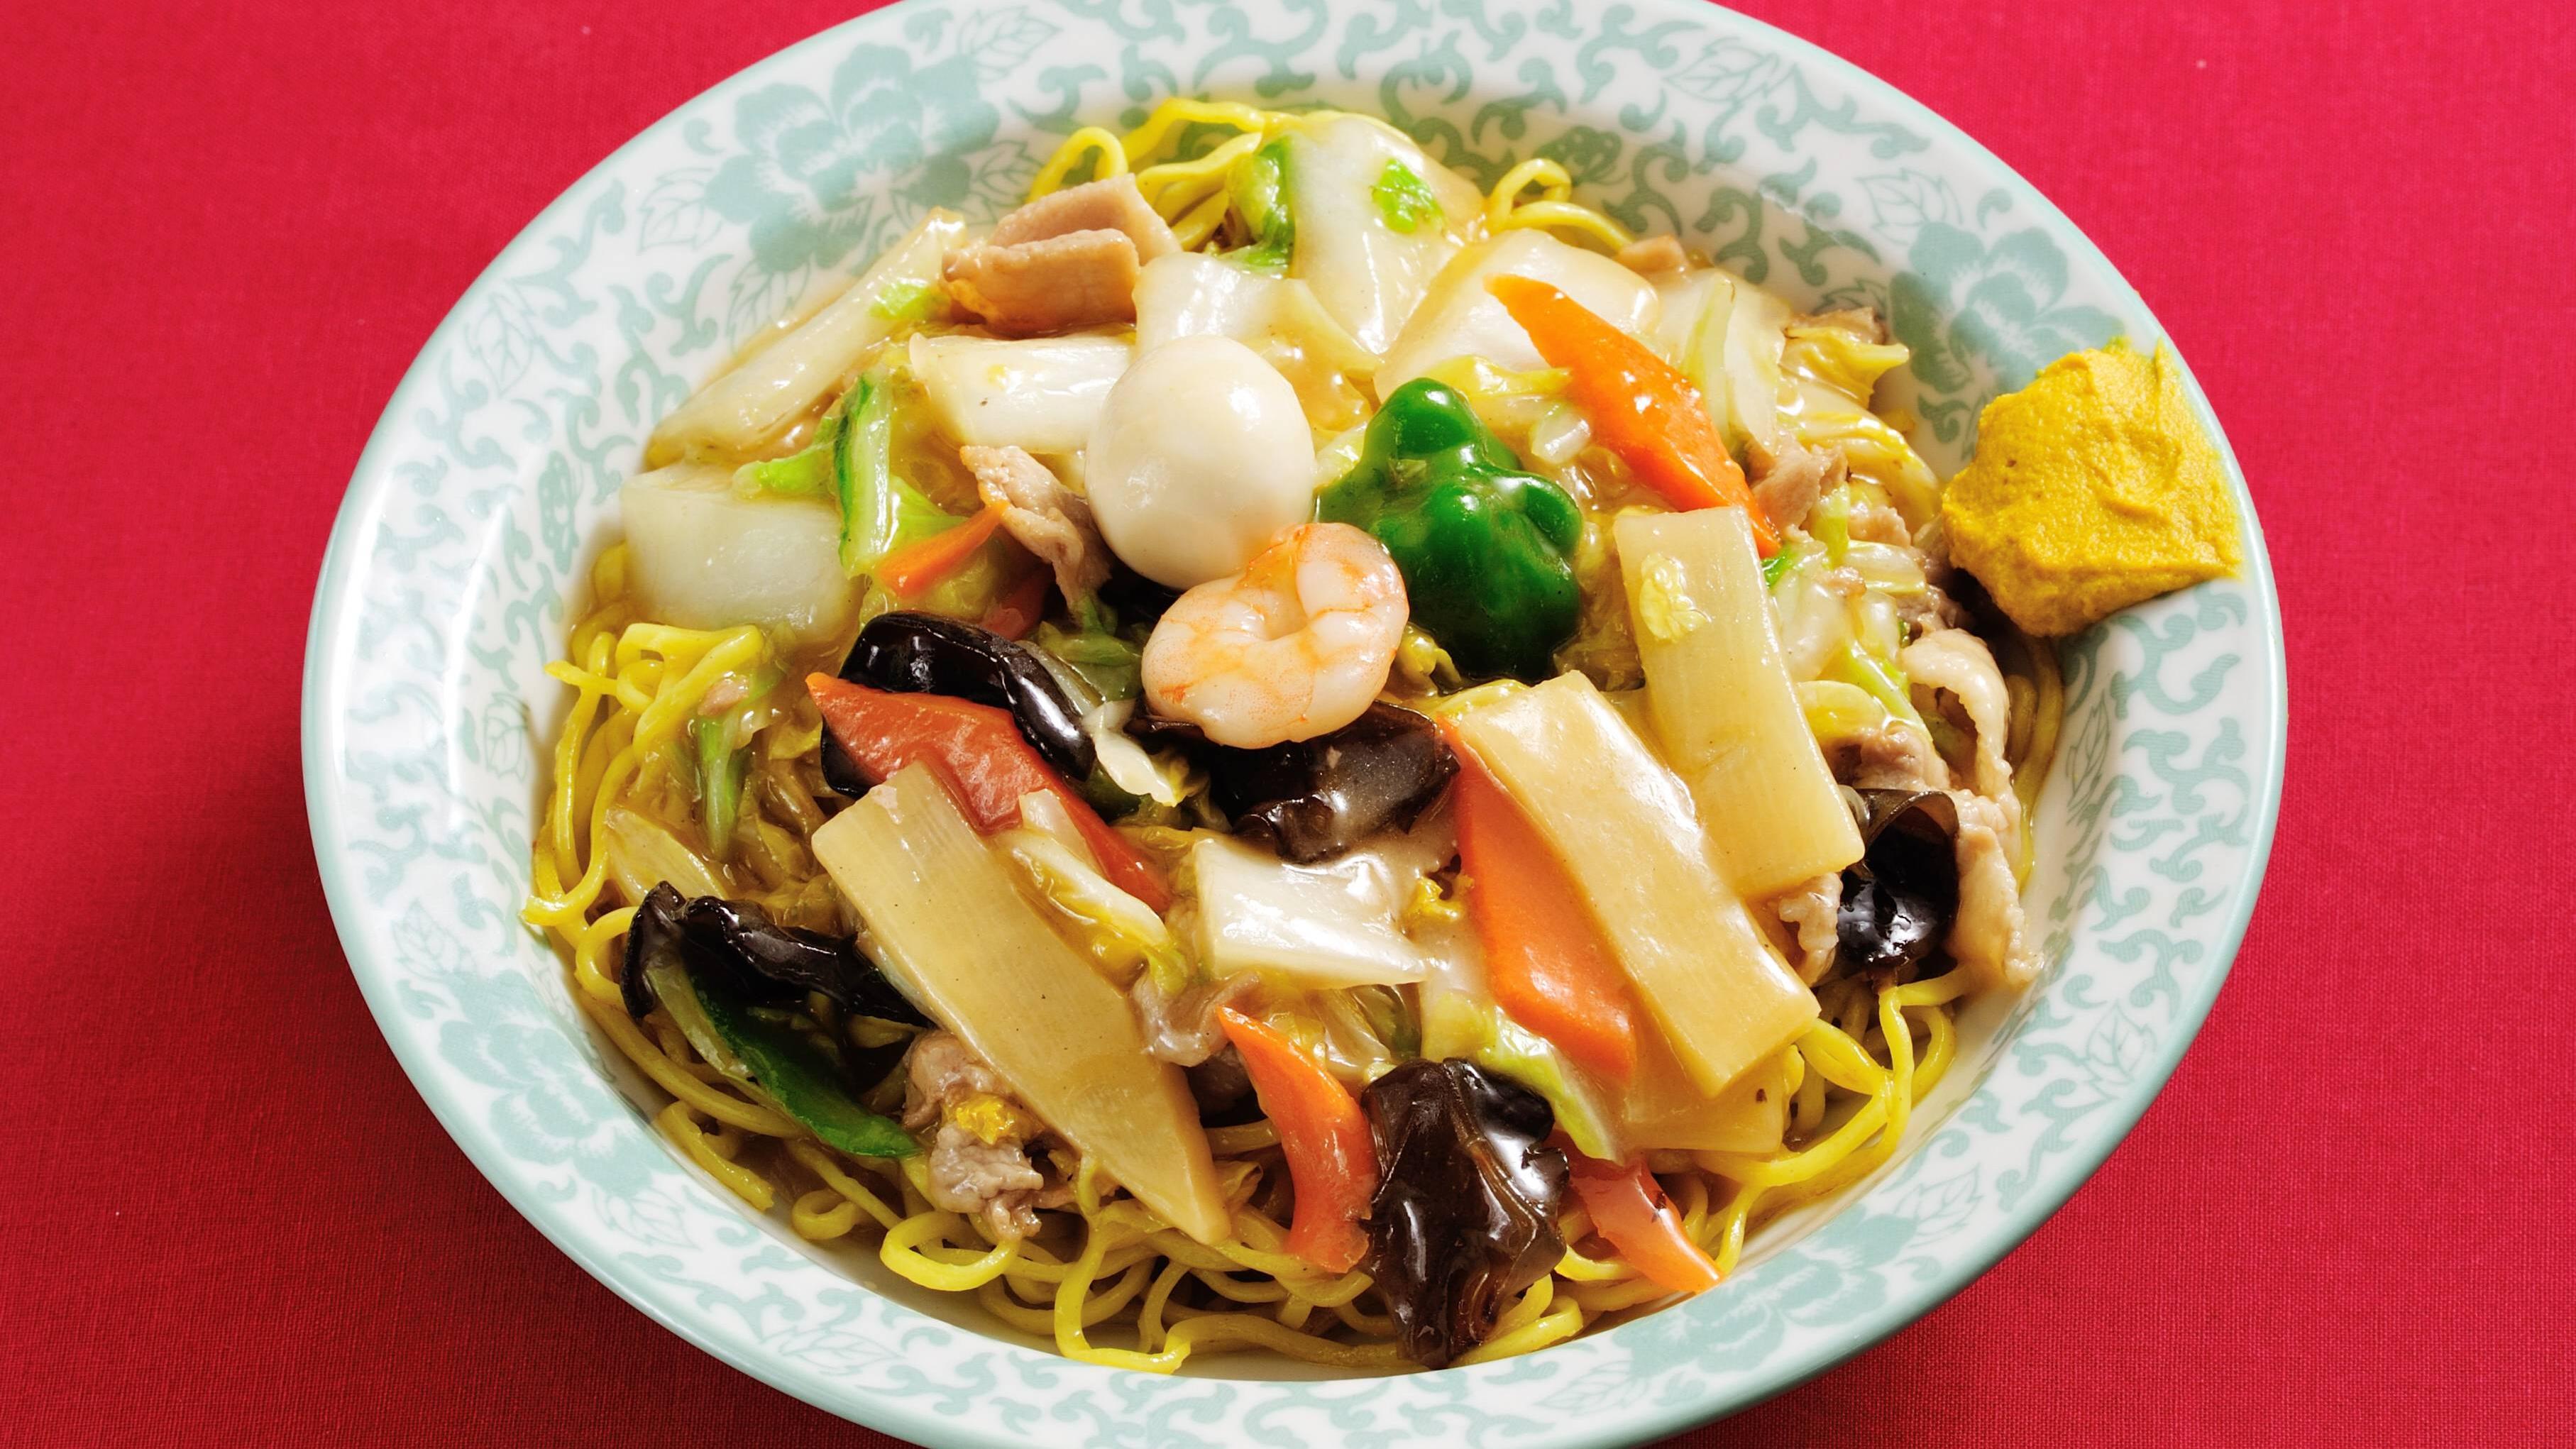 Leicht verdauliches Abendessen: Lebensmittel für ein gesundes Wohlbefinden